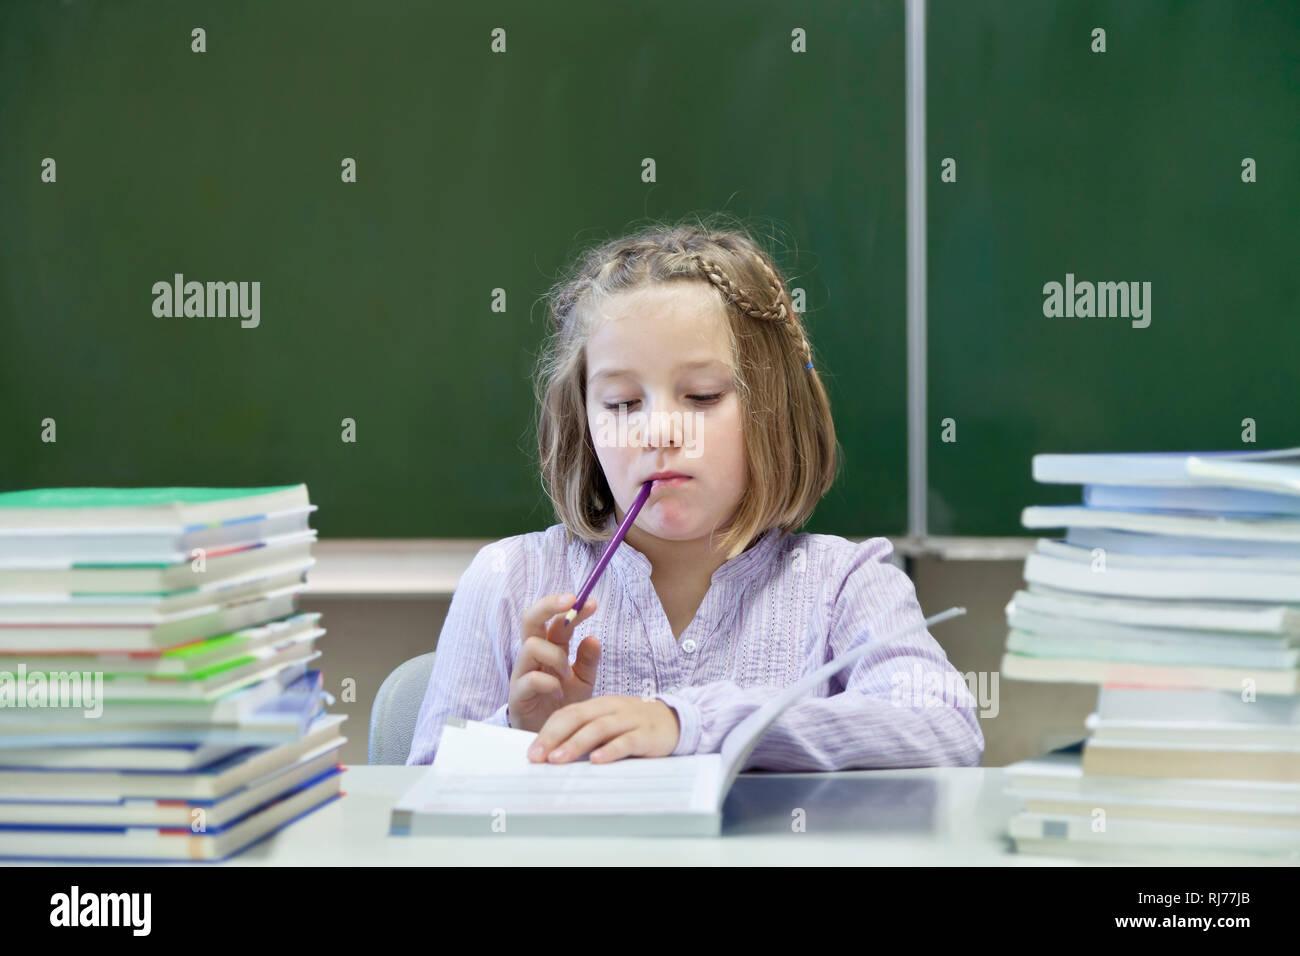 Schülerin, 7 Jahre alt, lesend, zwischen zwei Stapeln Bücher, vor einer Tafel Stock Photo